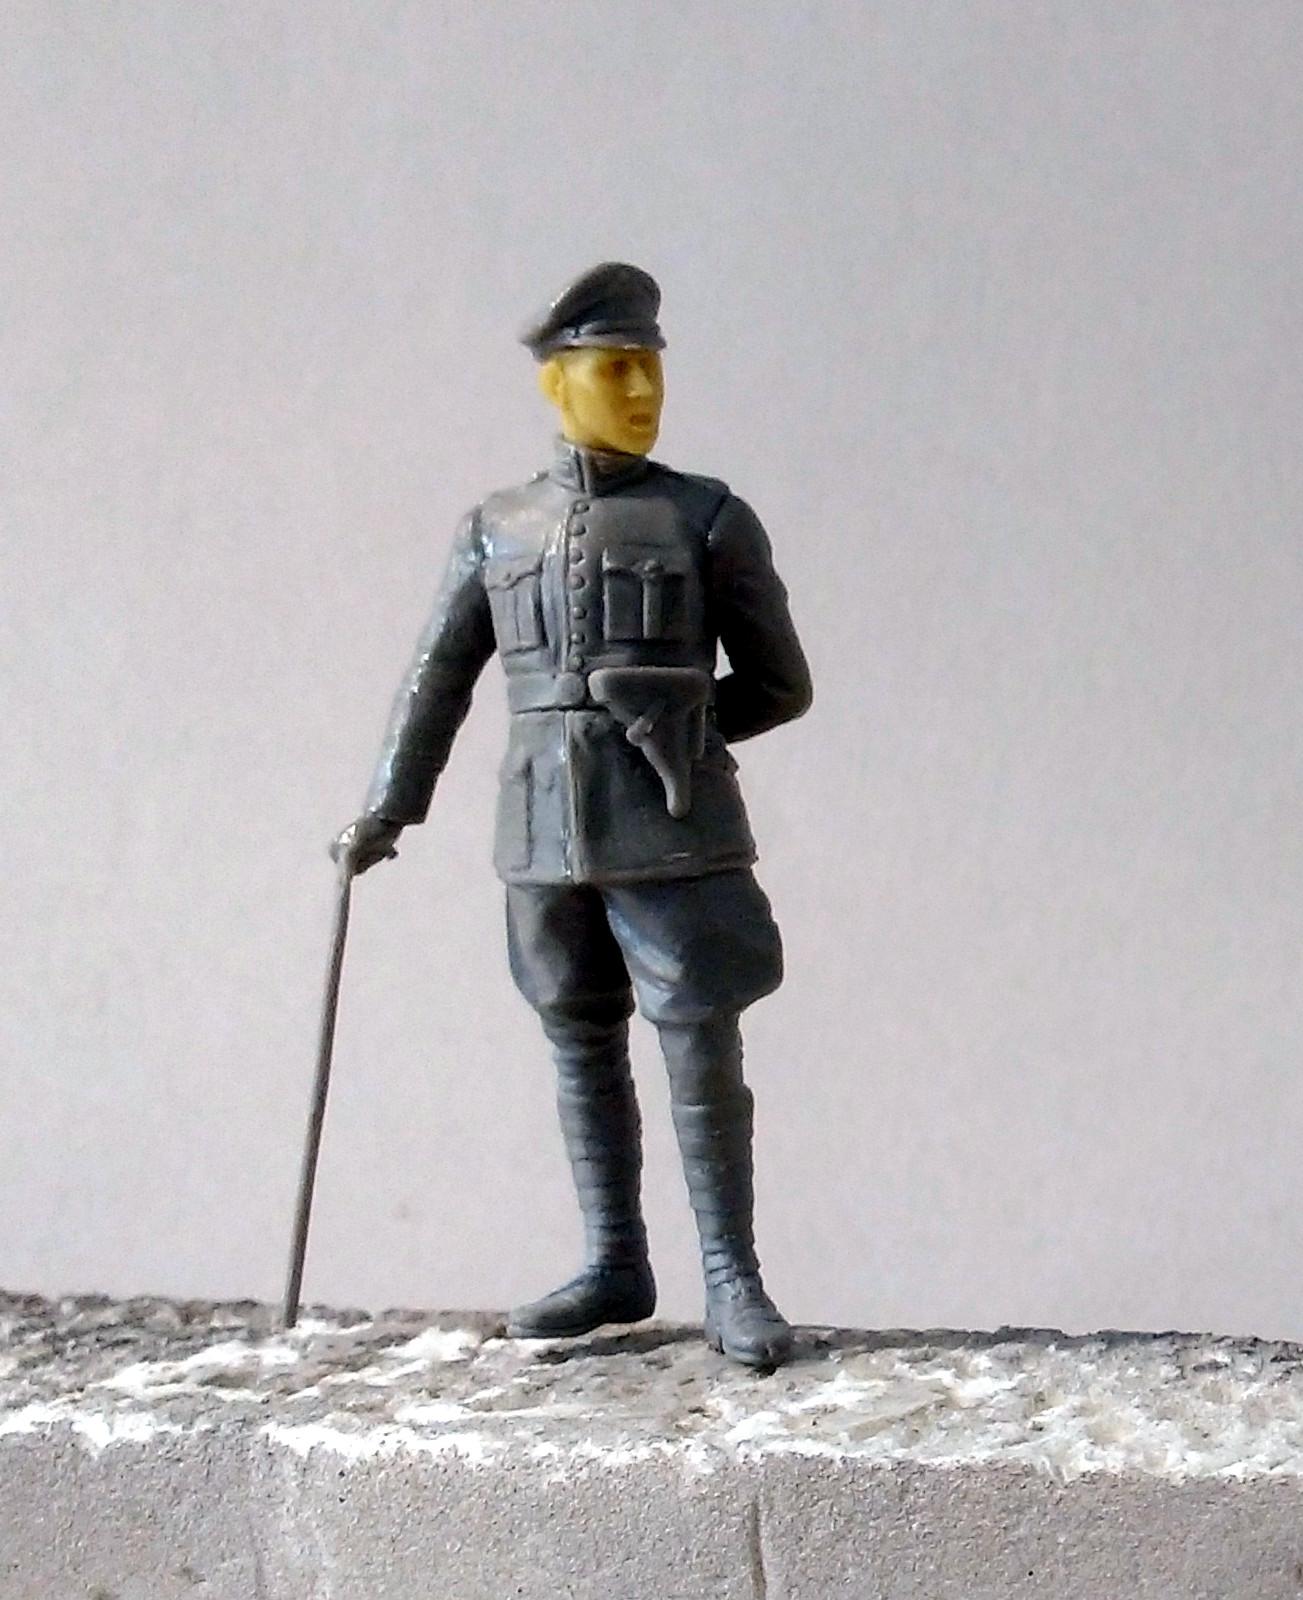 Dépannage à Cambrai (Blitz 1/35) - Page 3 FPTHJb-Officier01